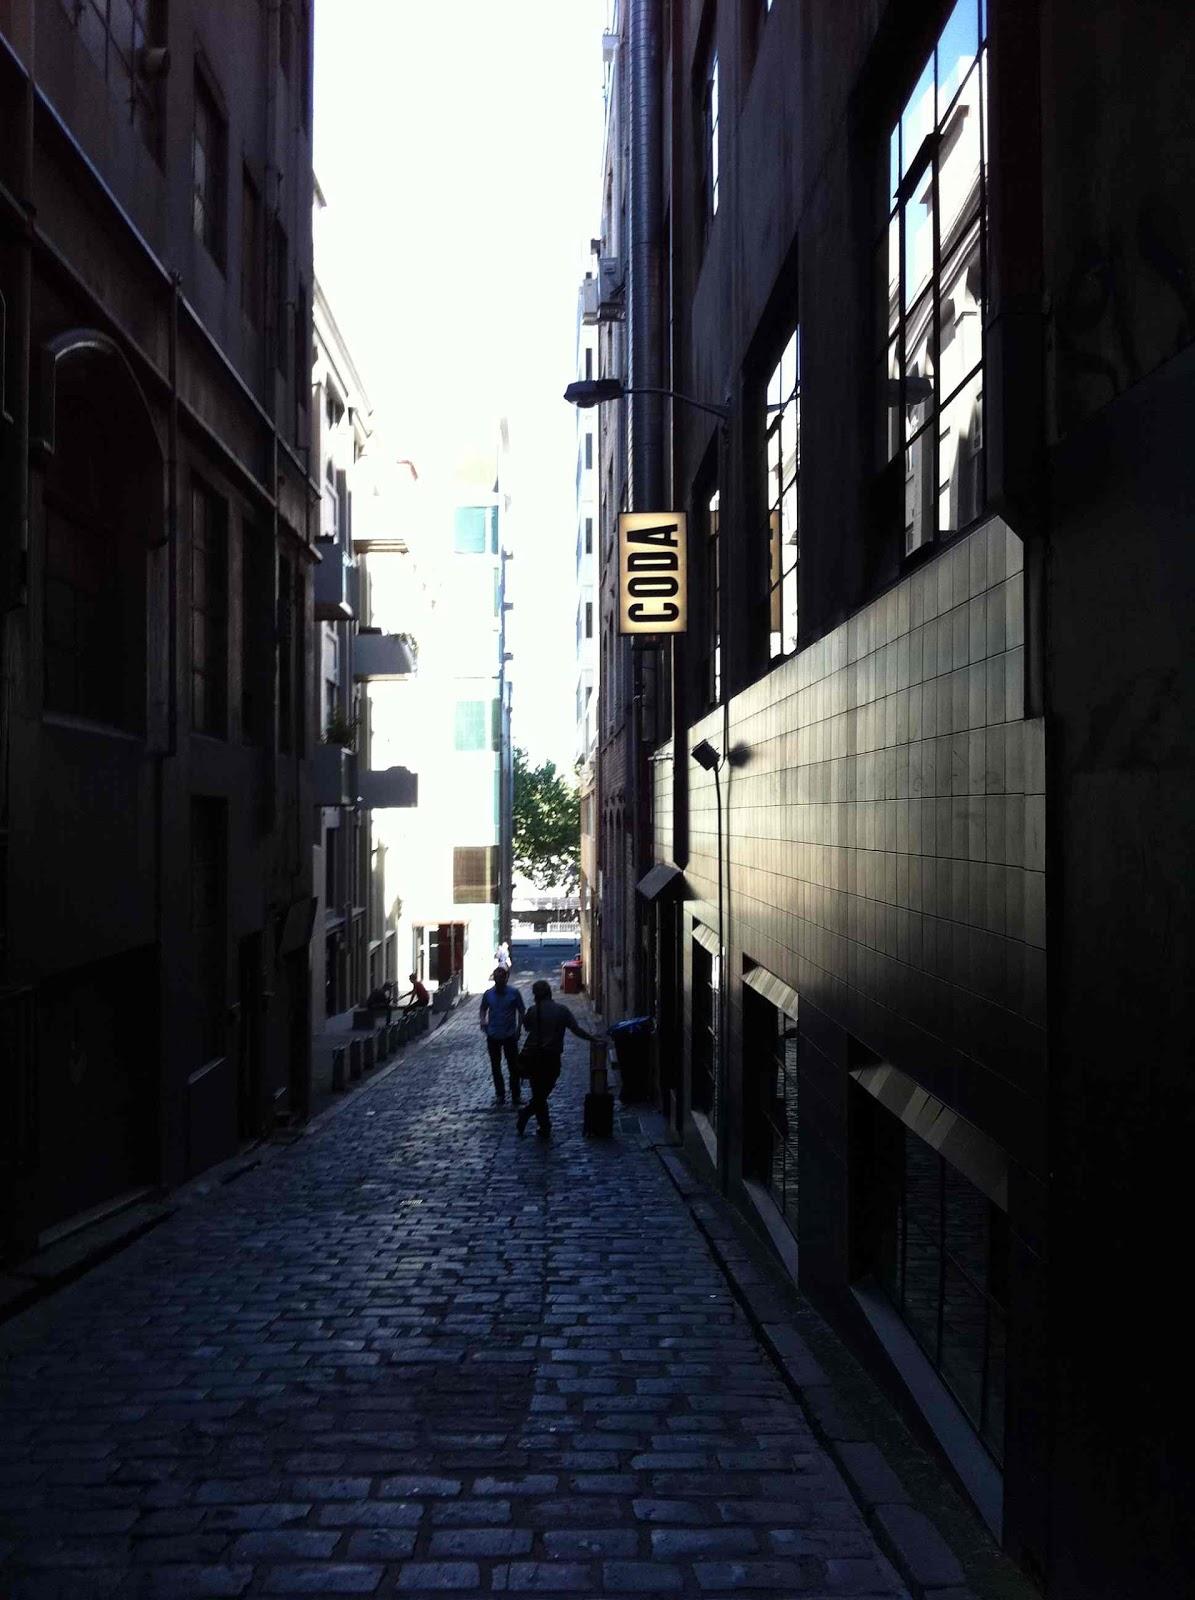 coda basement 141 flinders lane access from oliver lane melbourne